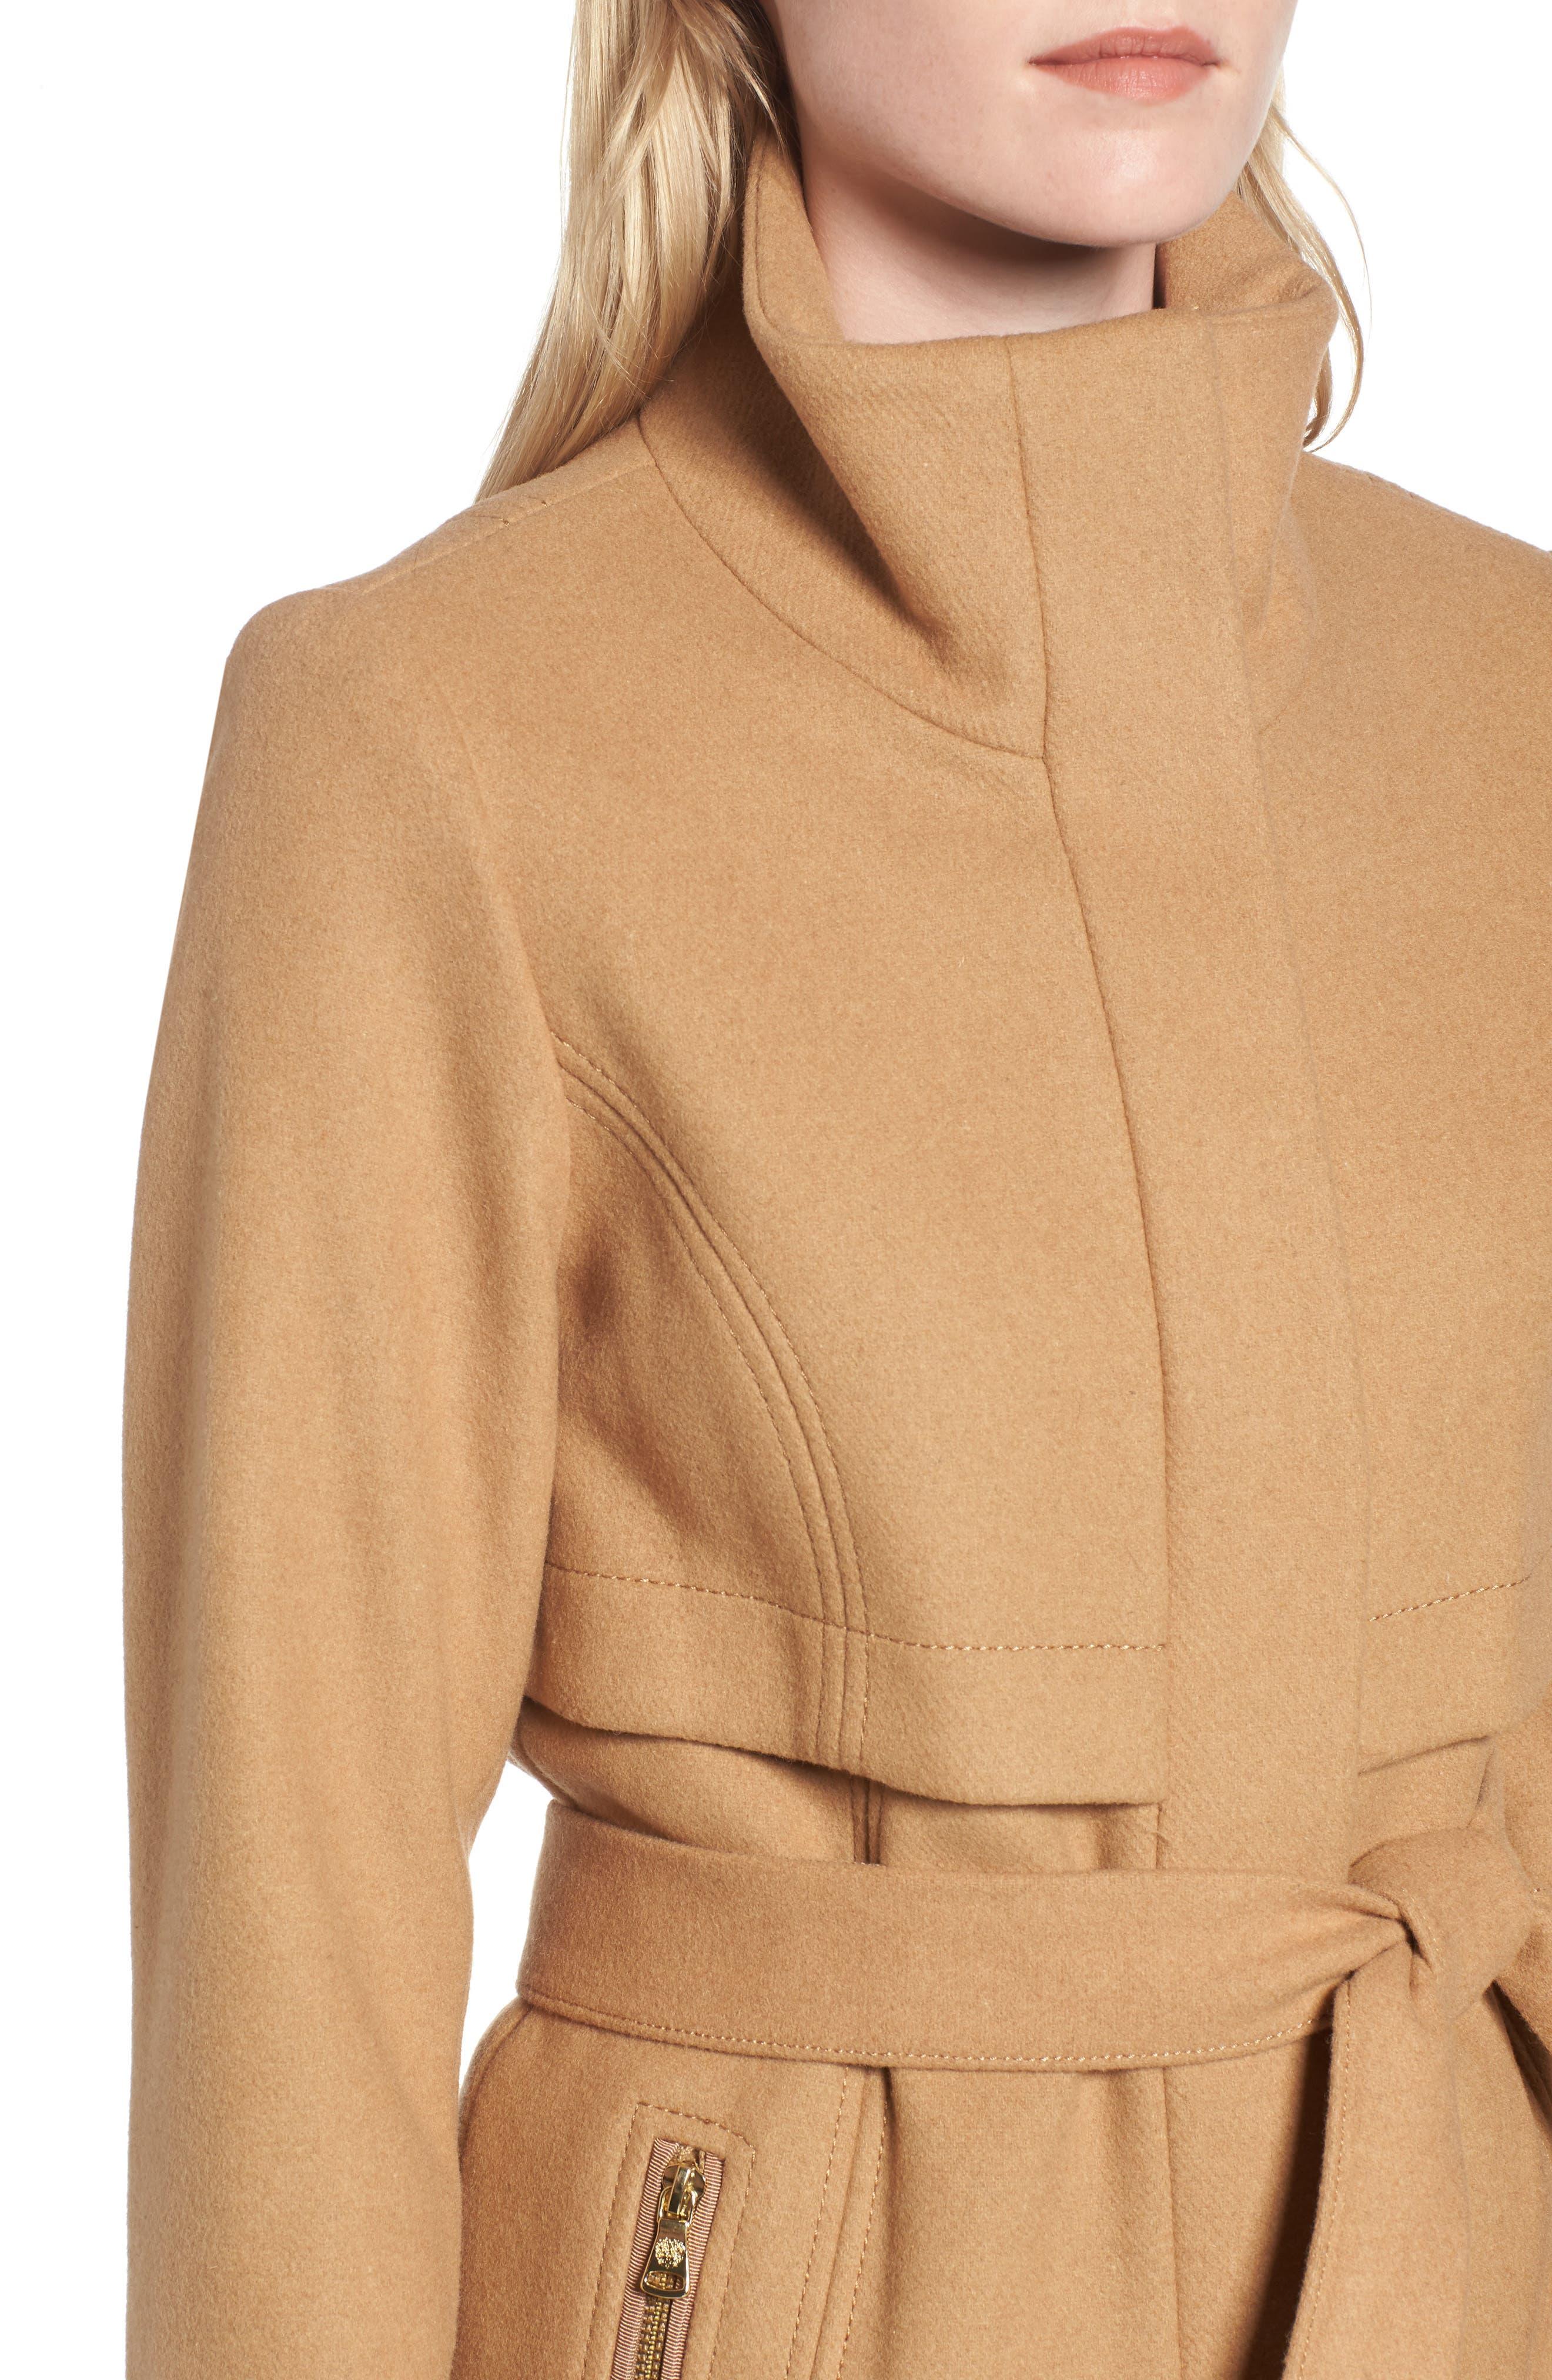 Flange Belted Coat,                             Alternate thumbnail 4, color,                             Camel